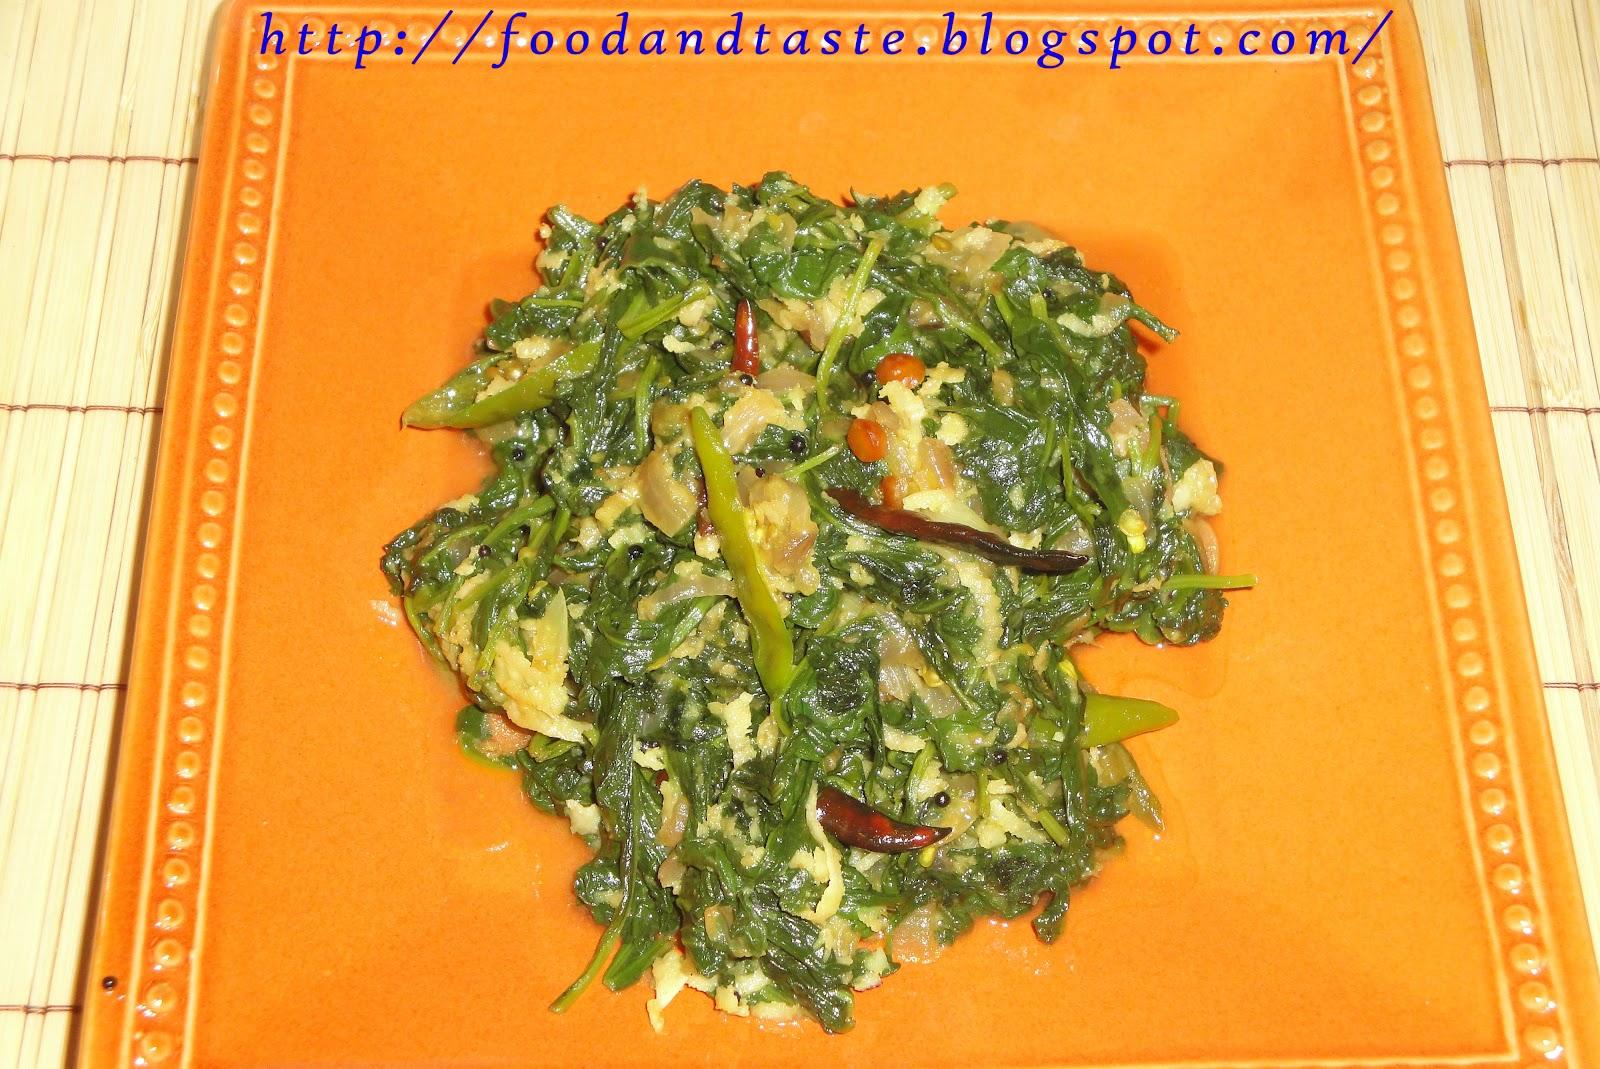 Food and taste baby arugula stir fry indian style baby arugula stir fry indian style forumfinder Gallery